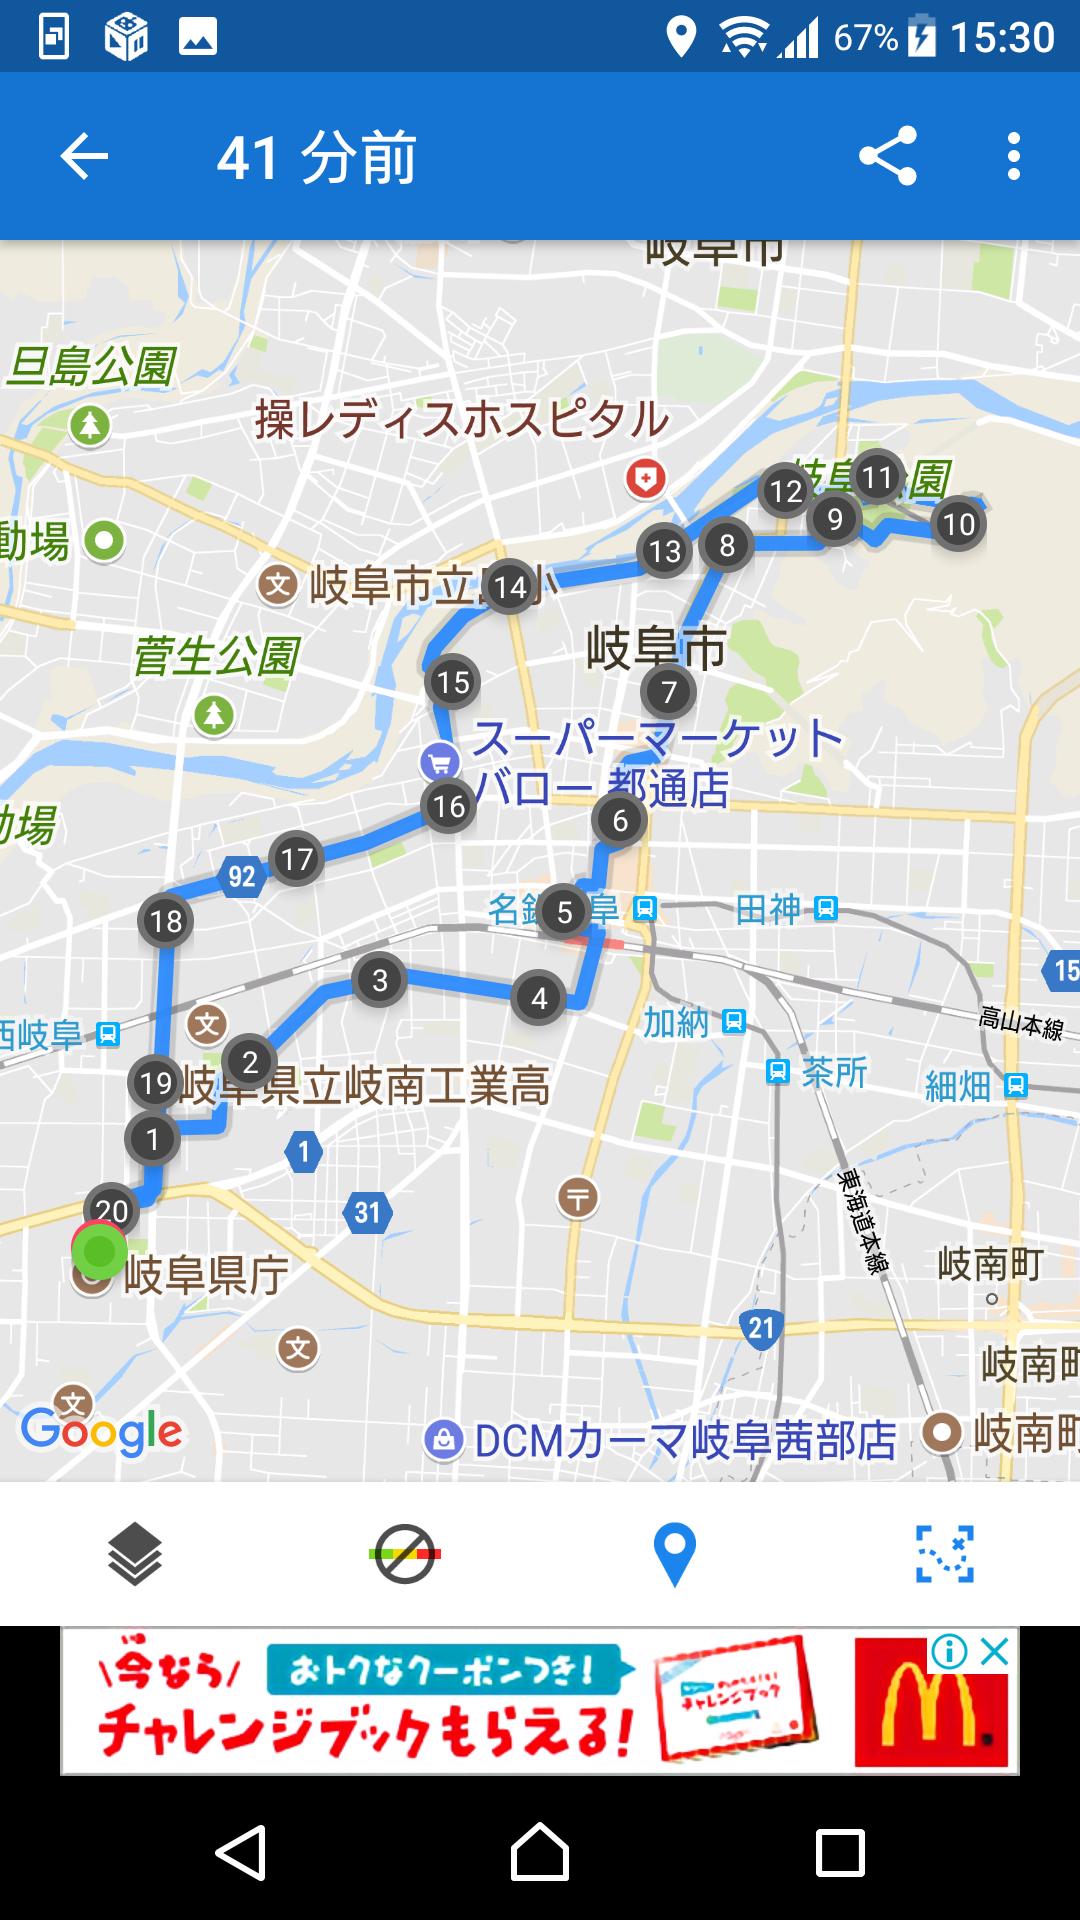 f:id:ynakayama27:20170725182001p:plain